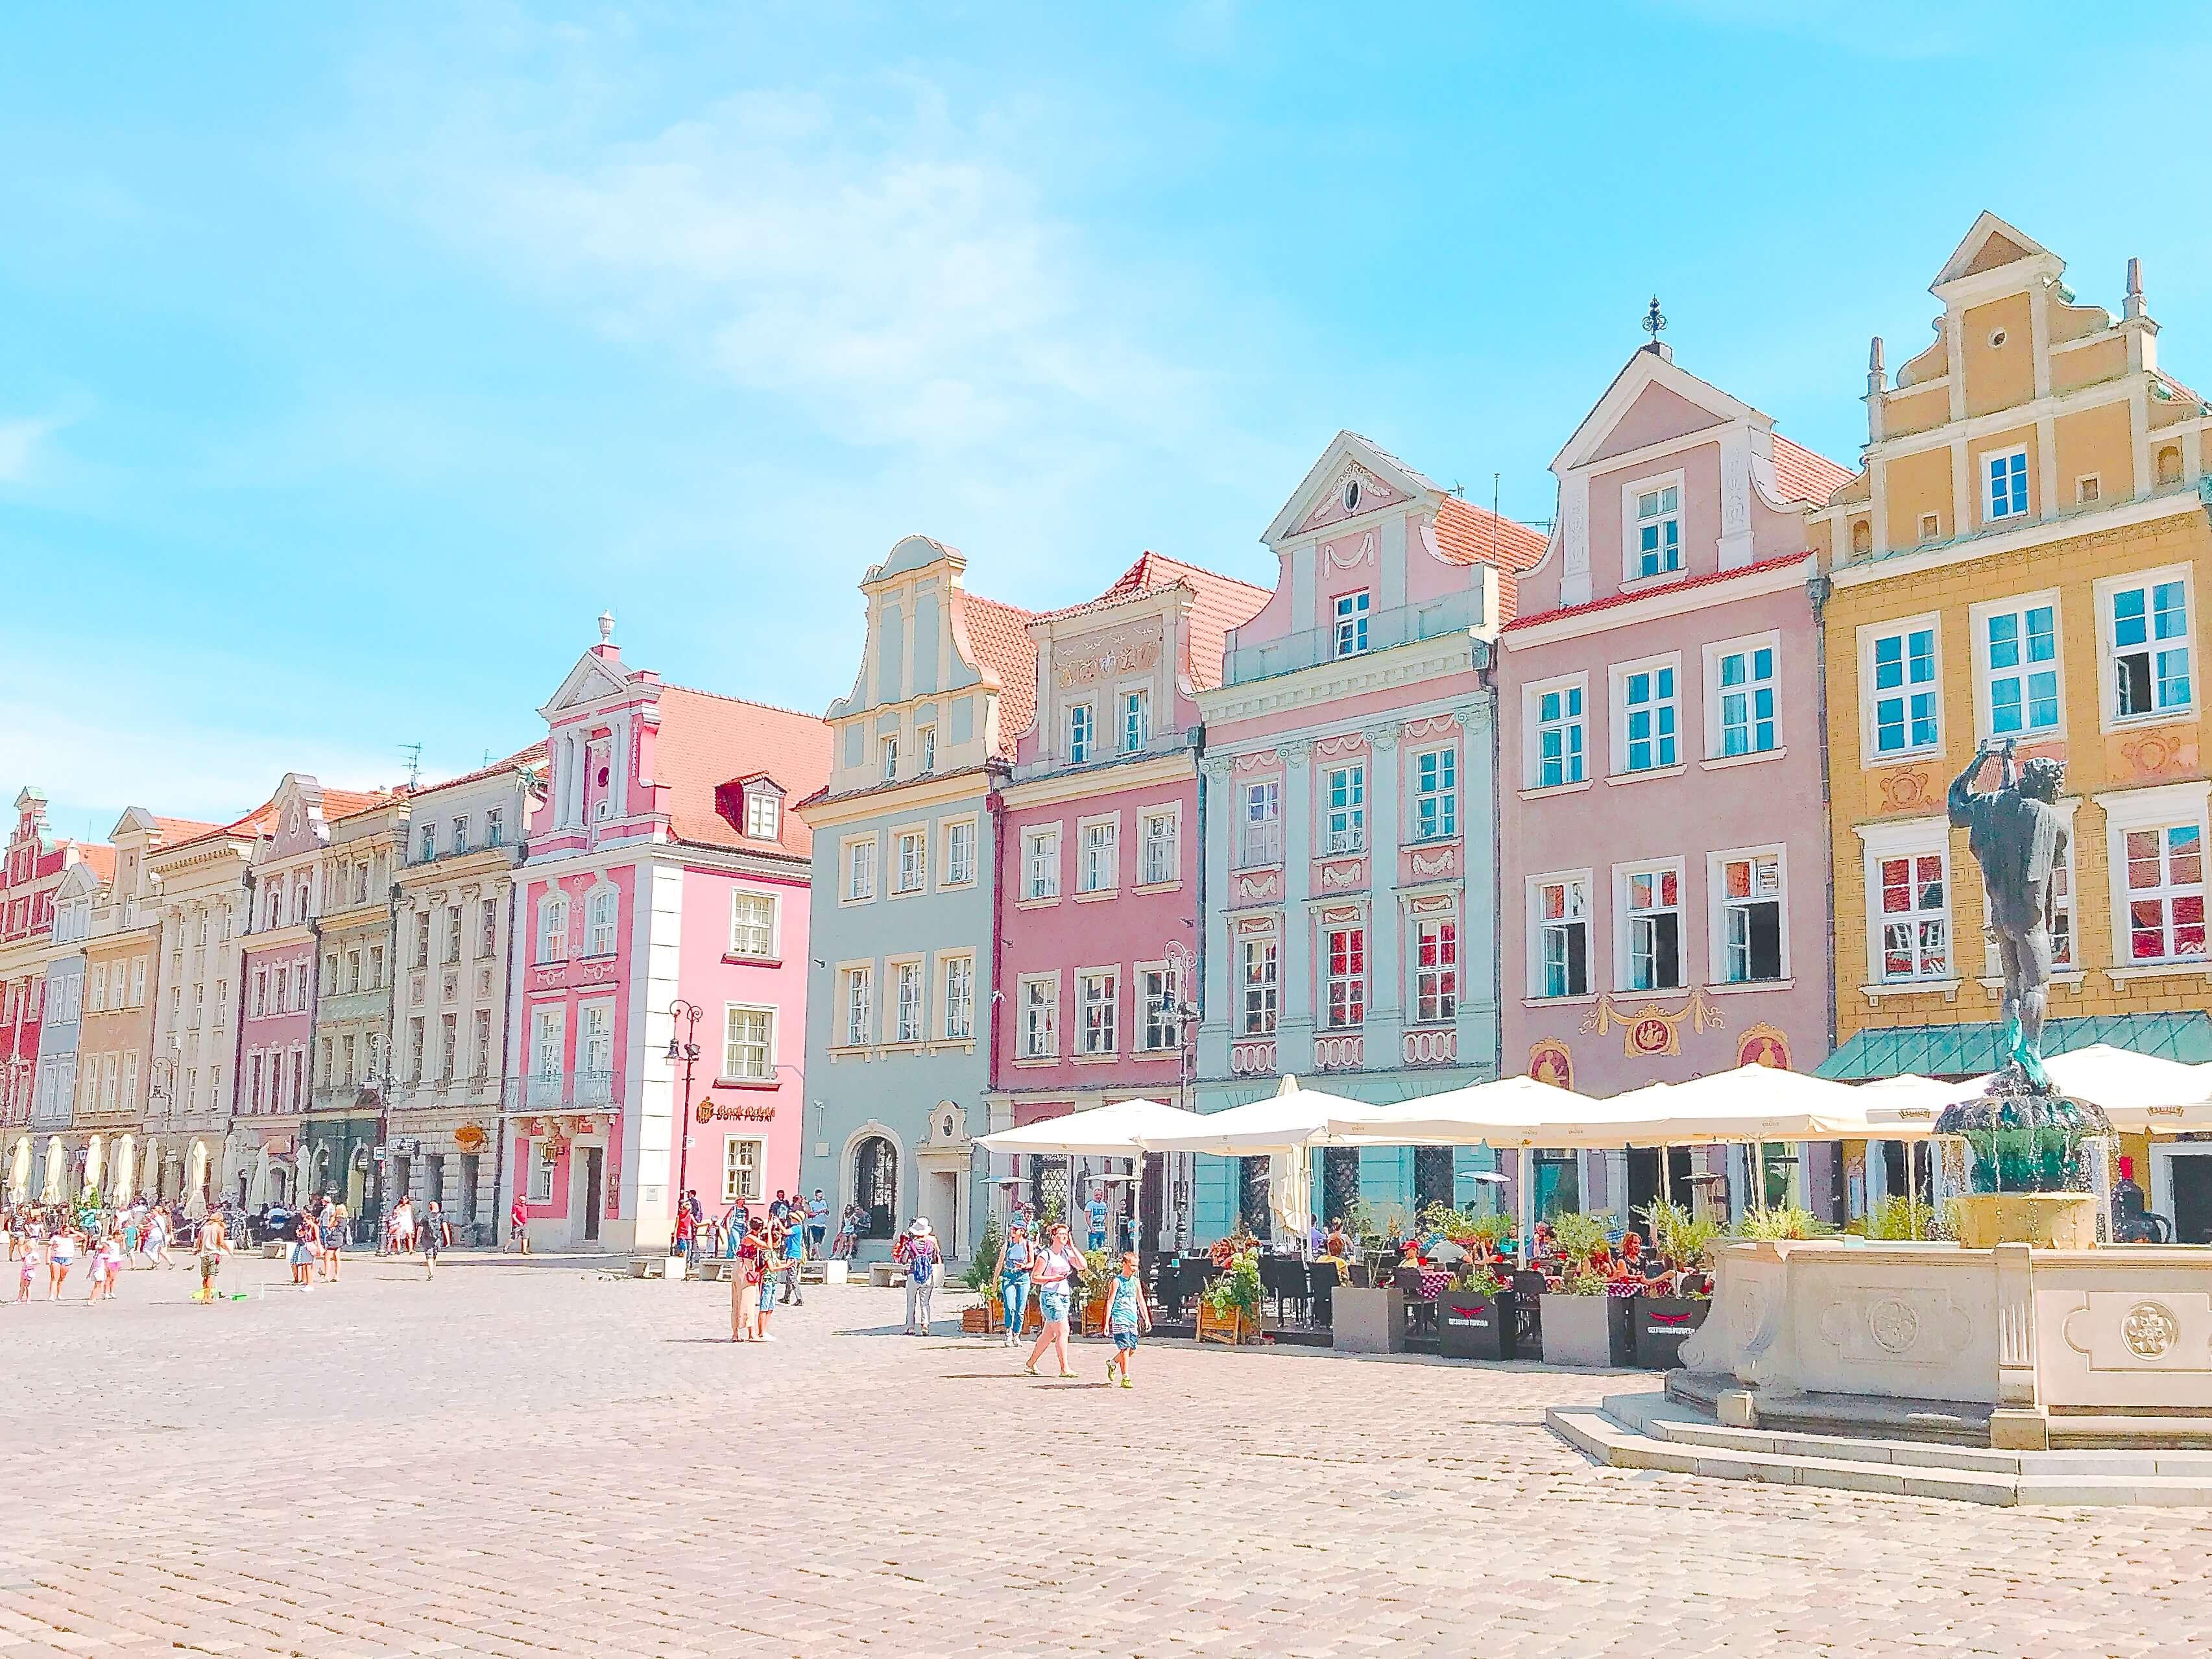 ポーランド ポズナンの旧市場広場